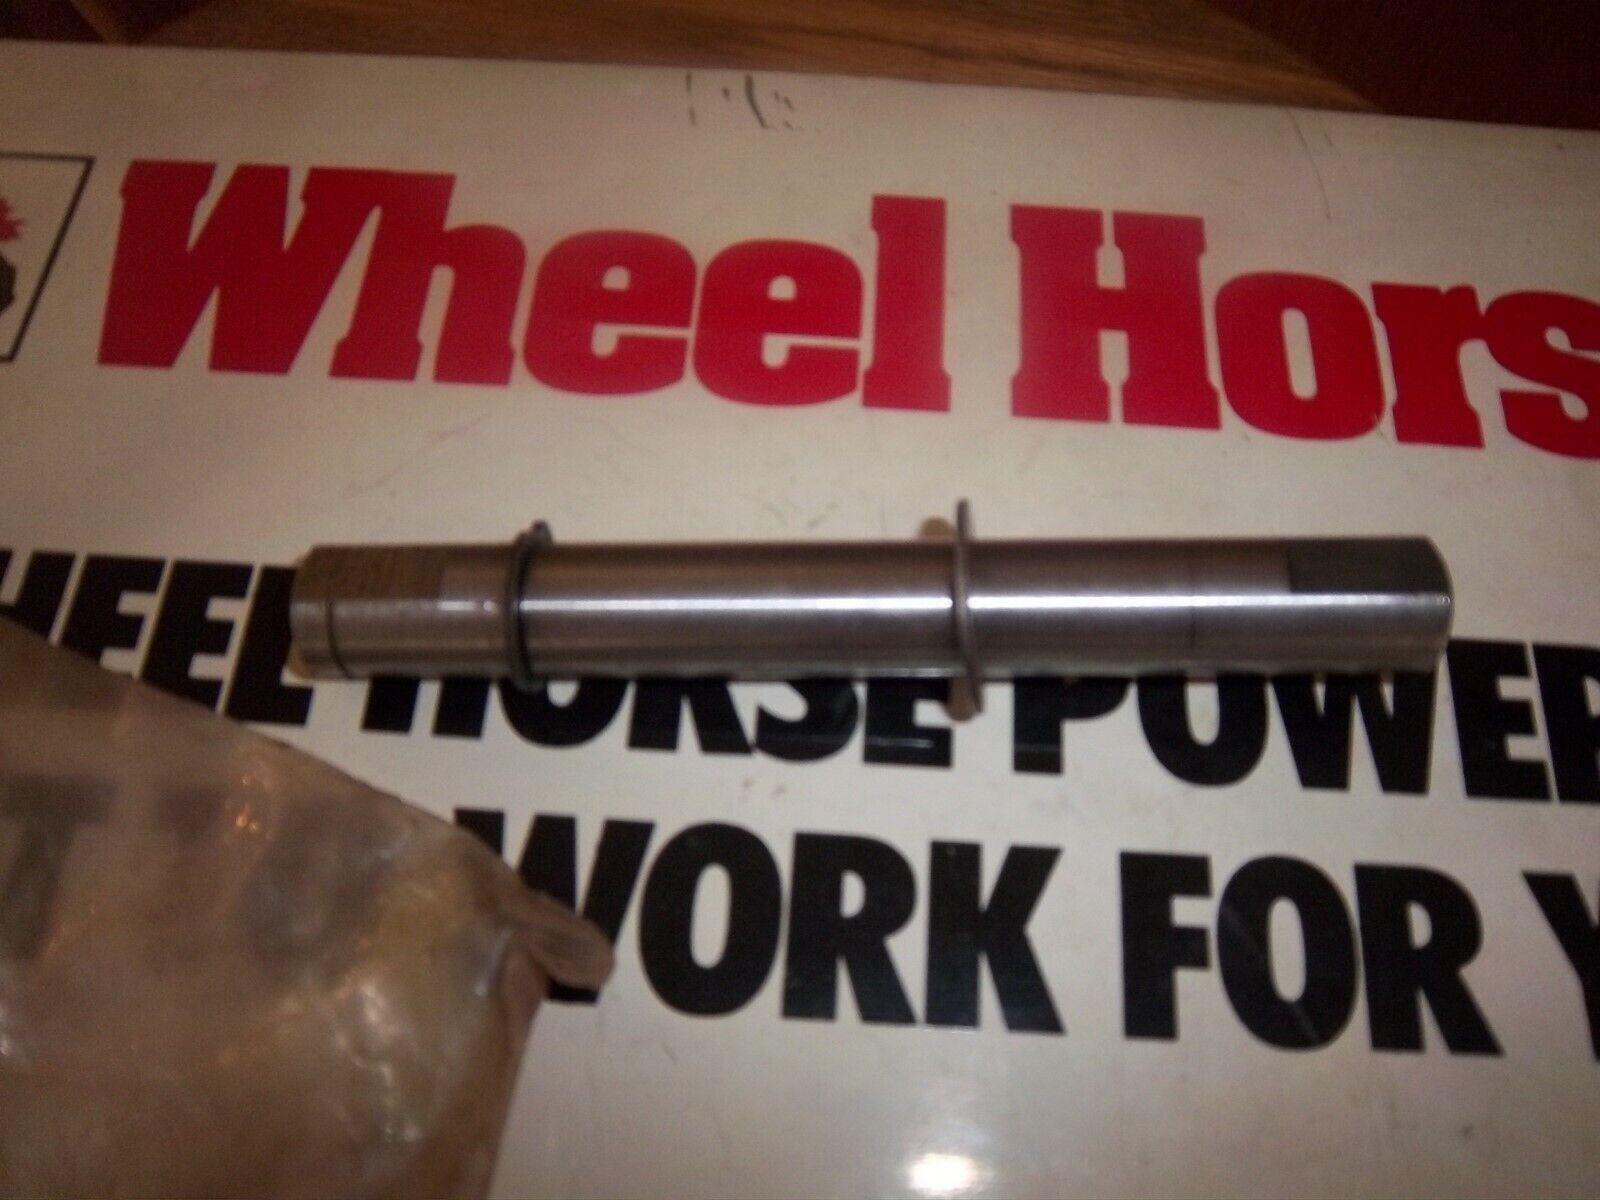 Wheel Horse 101686 Eje Eje Y Anillos extremos de 6 1 4 X 3 4 doble D